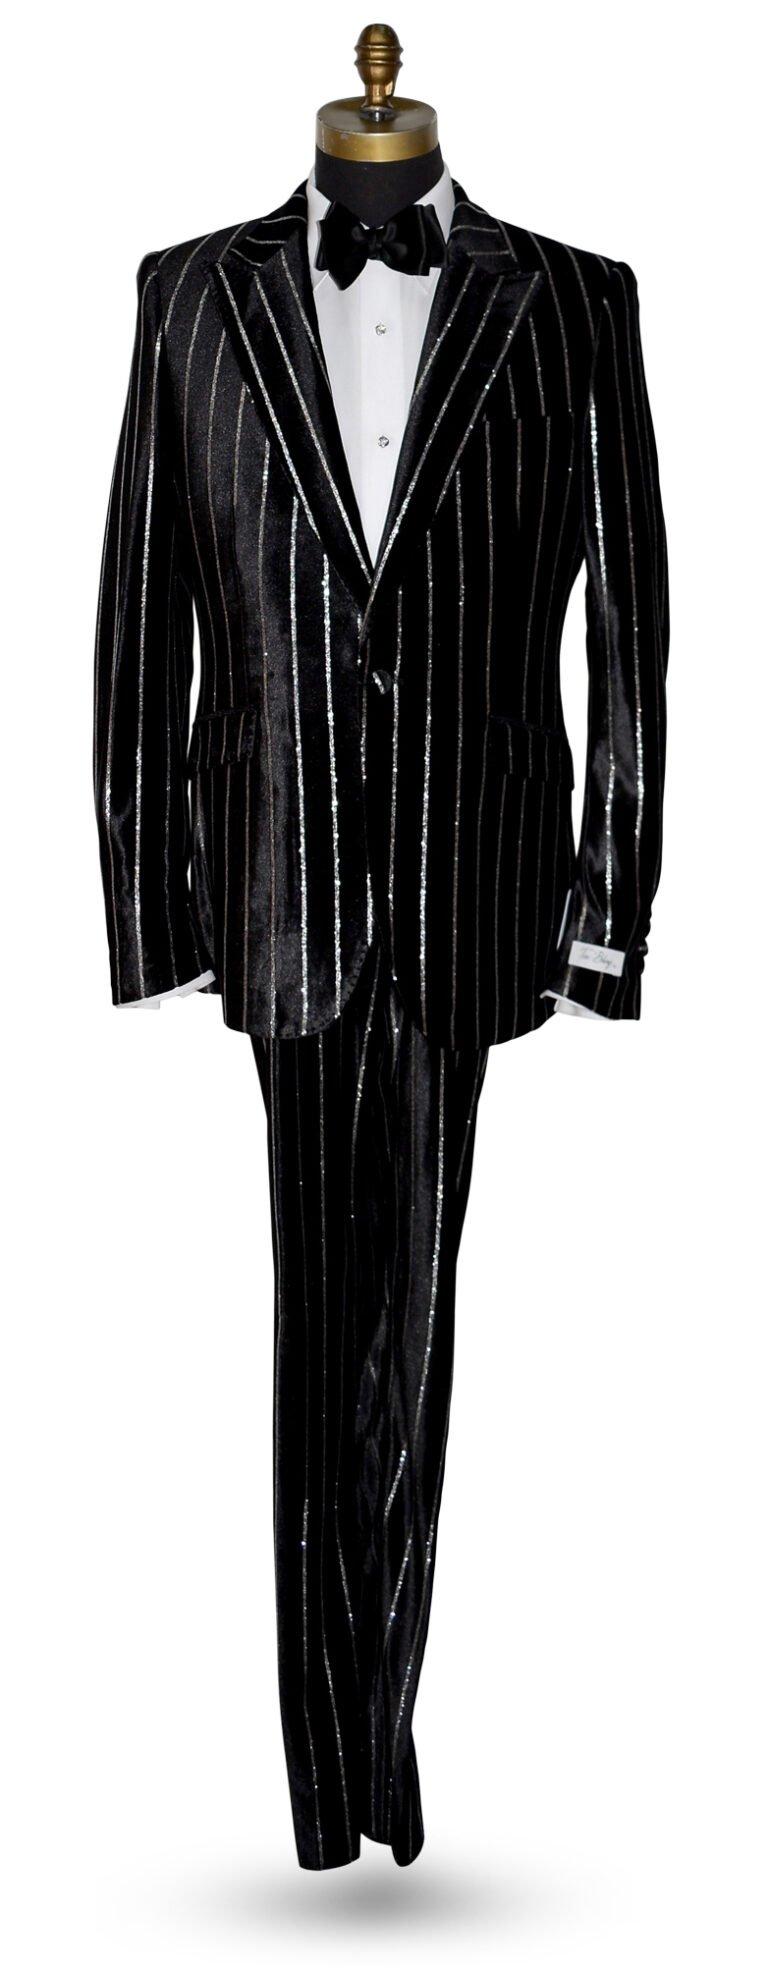 Black Velvet Tuxedo with Silver Stripes